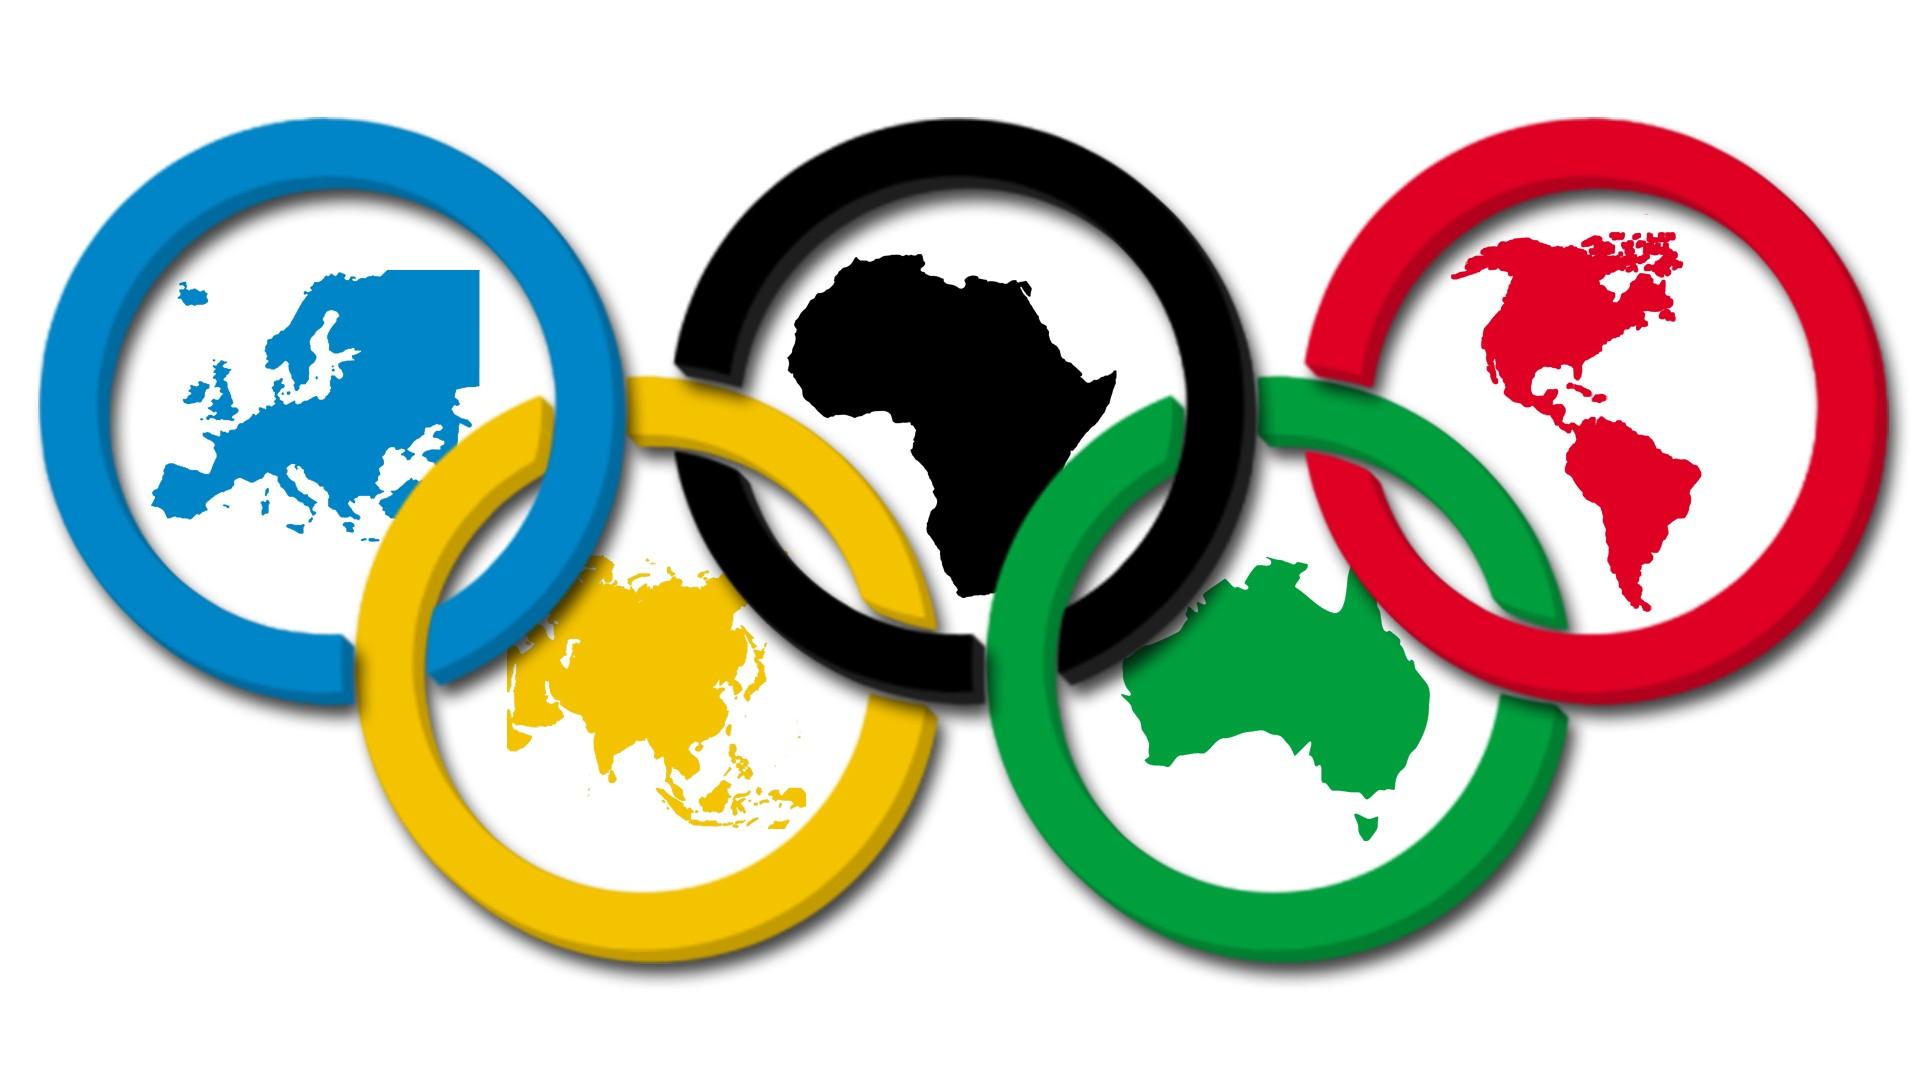 ২০২৪ সালের অলিম্পিক হবে প্যারিসে আর ২০২৮ সালে  অনুষ্ঠিত হবে লস এঞ্জেলস এ